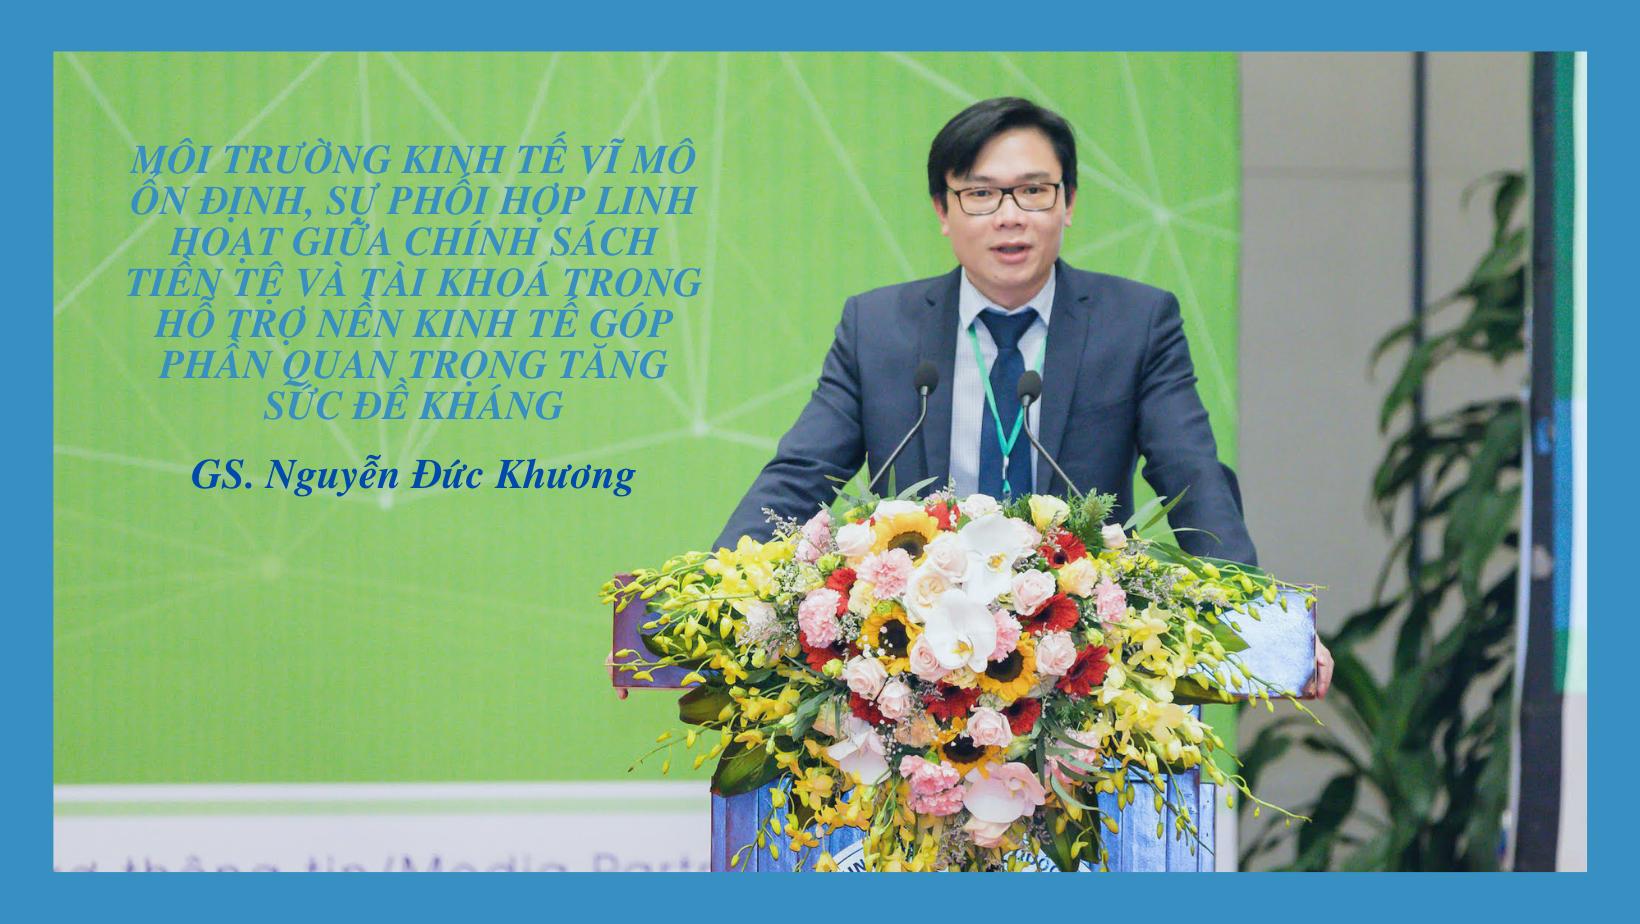 GS. Nguyễn Đức Khương: 2 động lực mới của Việt Nam nhiều dư địa phát triển - 1